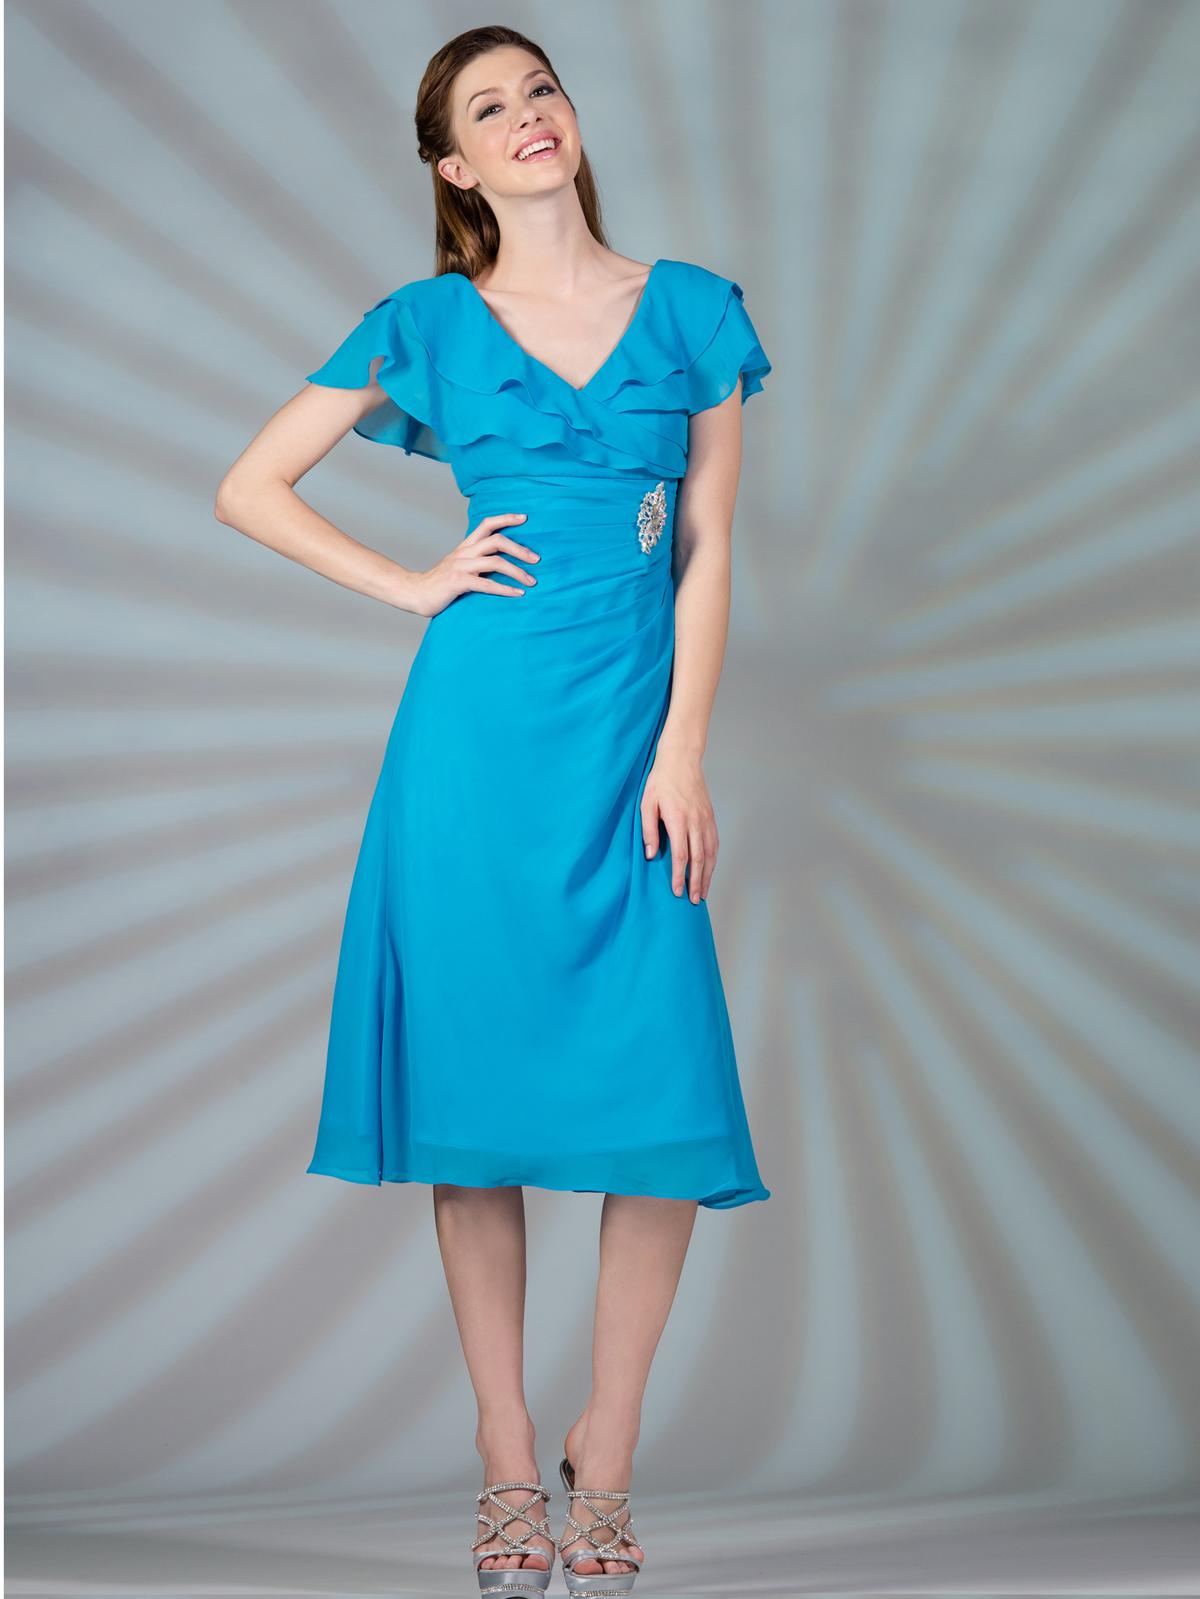 Flowy Chiffon Cocktail Dress | Sung Boutique L.A.